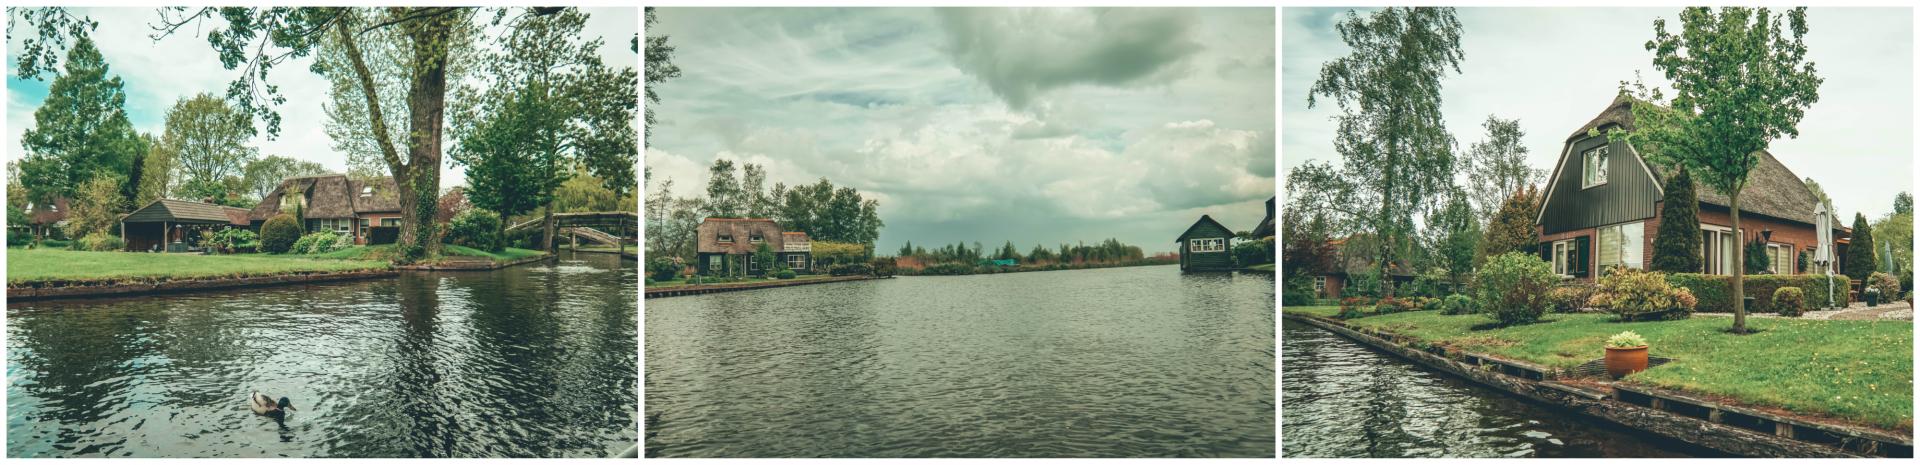 Giethroorn la Venecia de Holanda y Utrecht